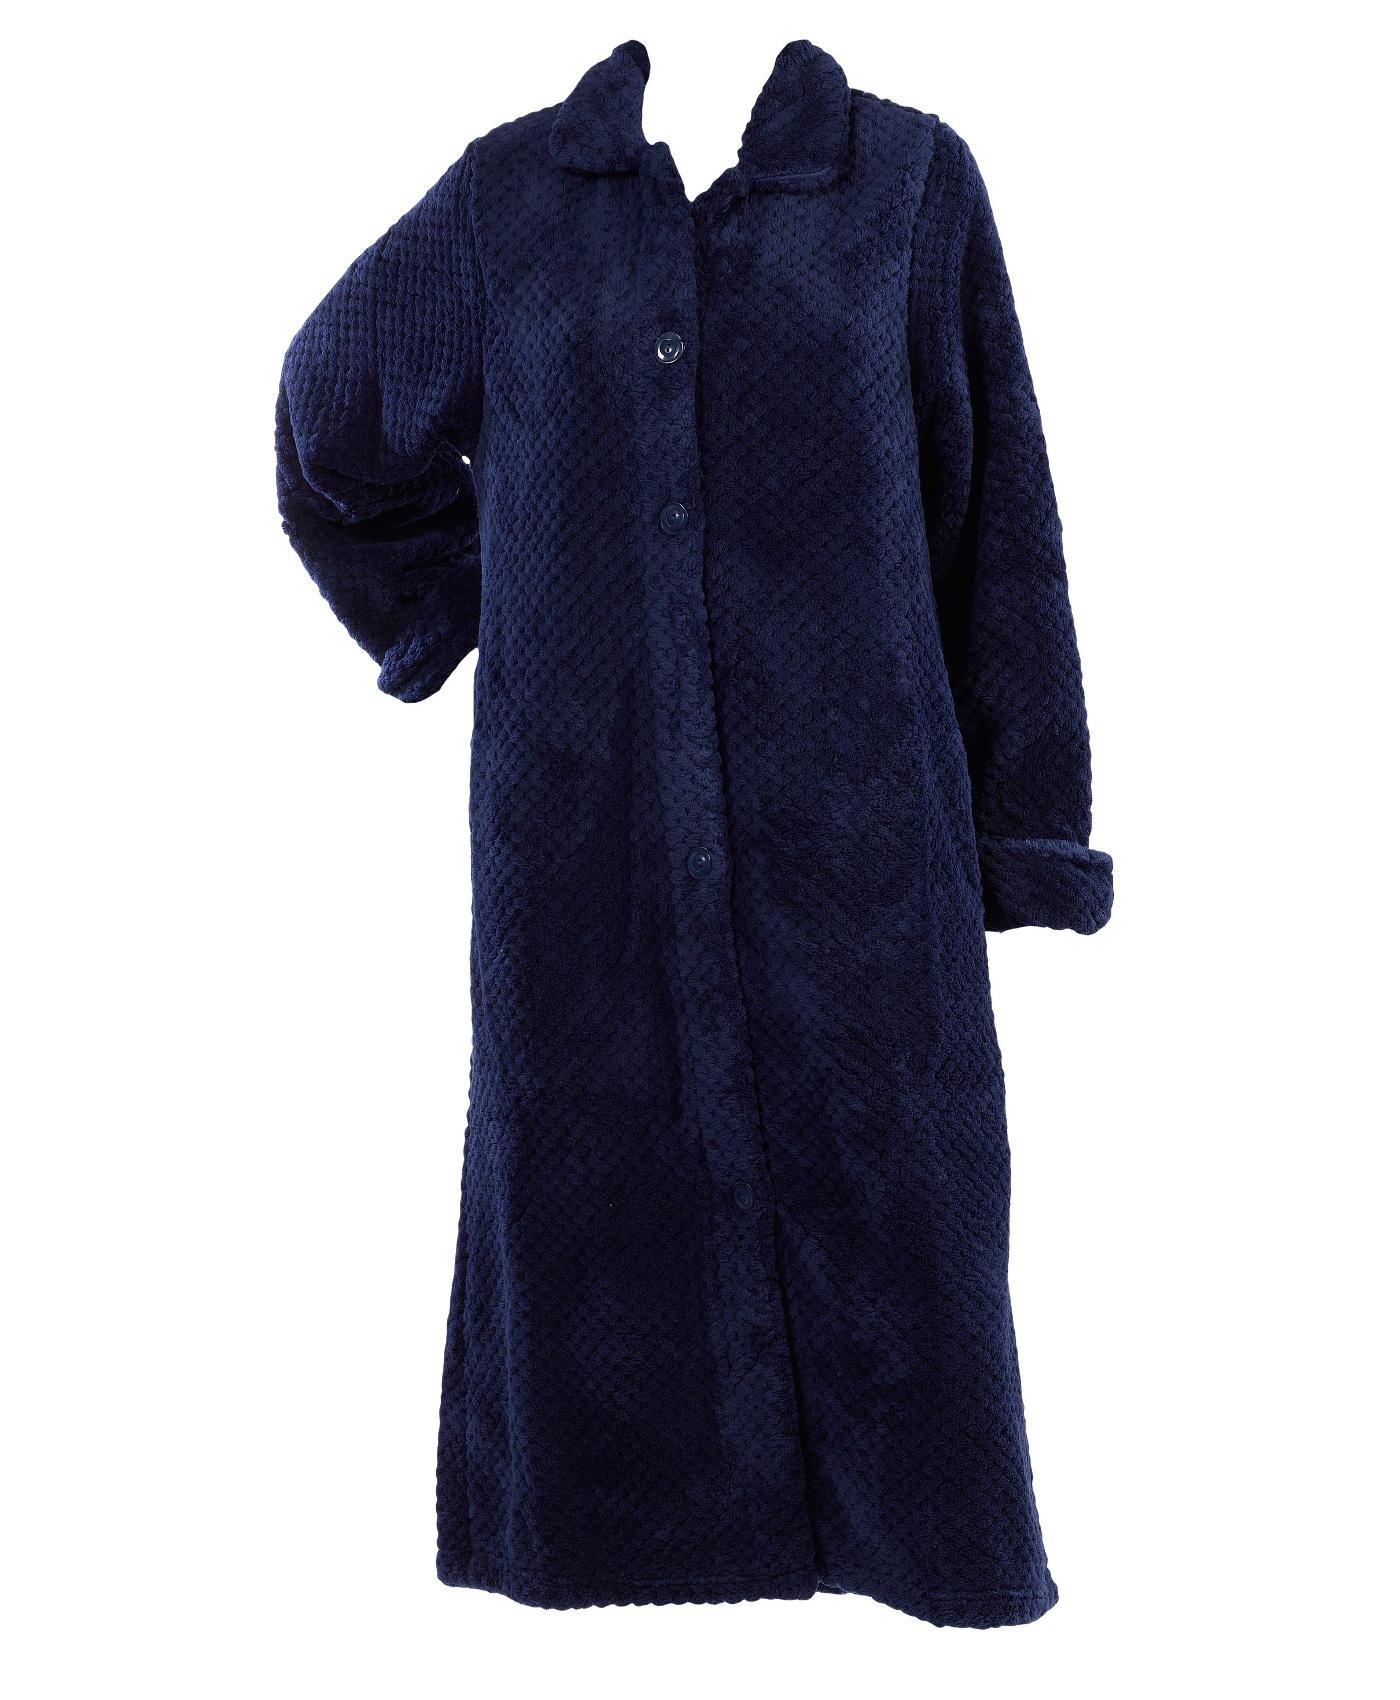 weich waffel fleece bett jacke oder bademantel damen slenderella nachtw sche ebay. Black Bedroom Furniture Sets. Home Design Ideas